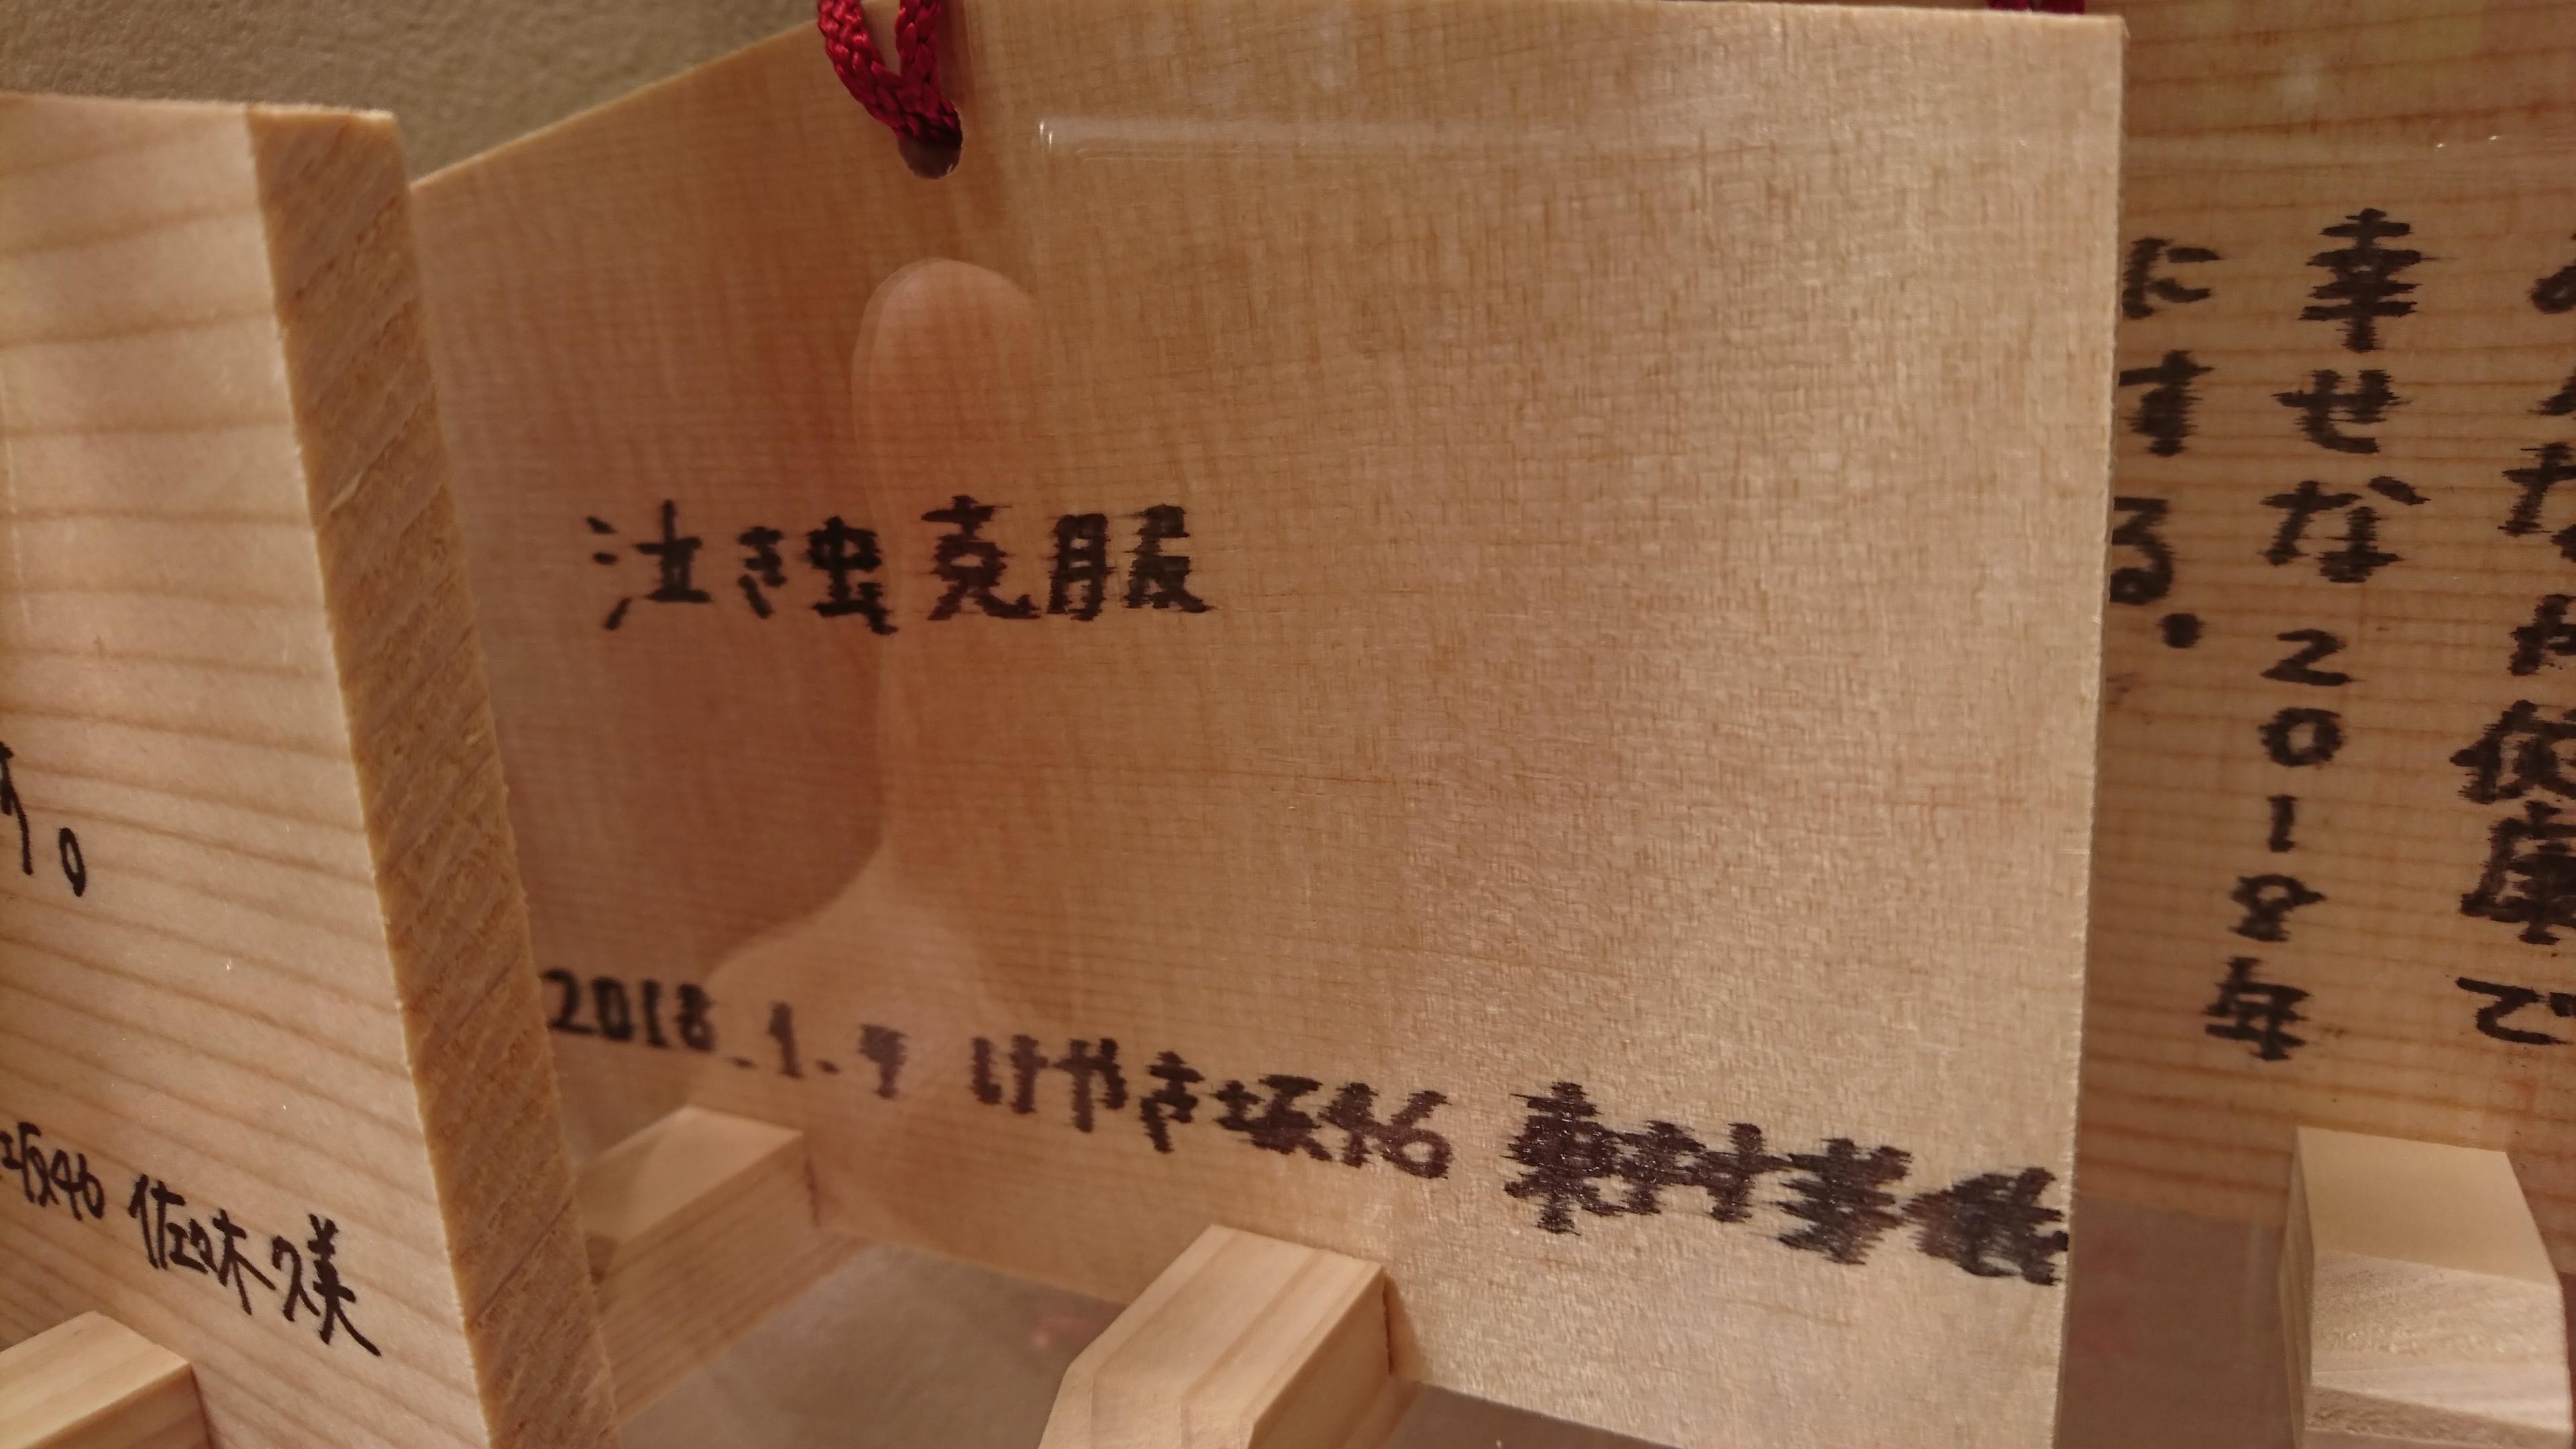 けやき坂46の東村芽衣さんの絵馬